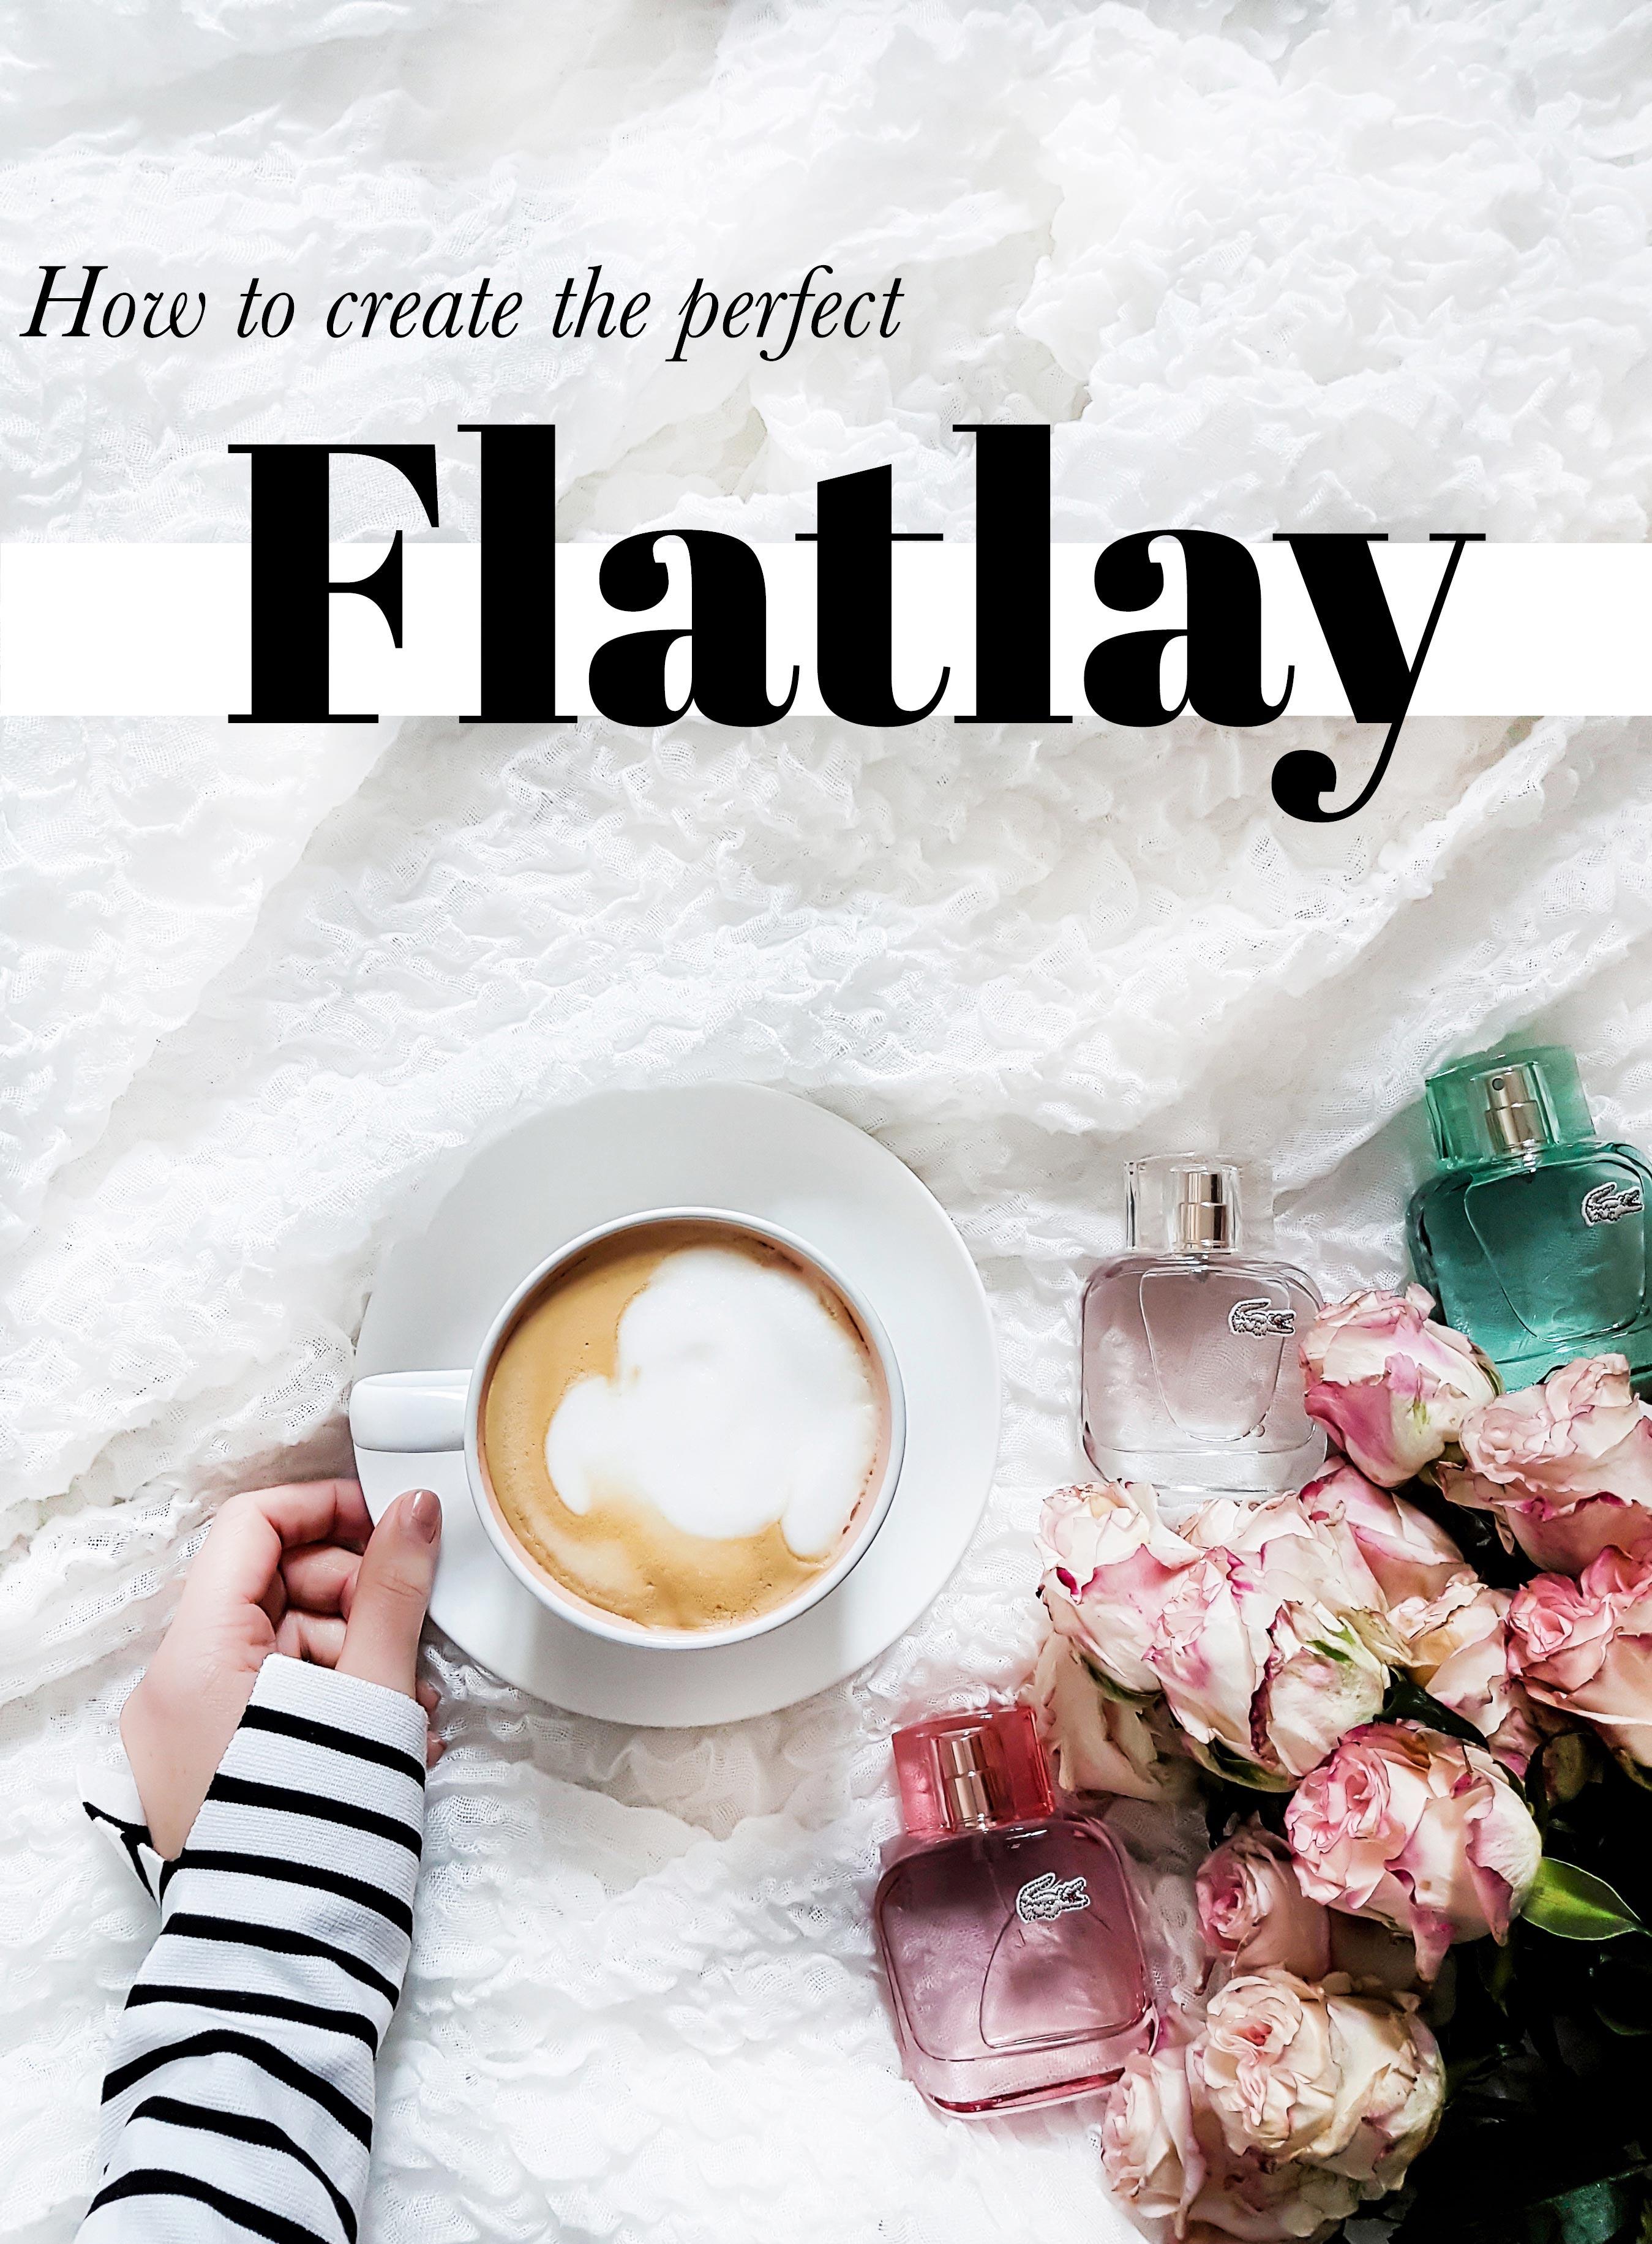 blogger arbeite Flatlay gestaltung Dekoration perfekte Bilder fuer Instagram mehr follower